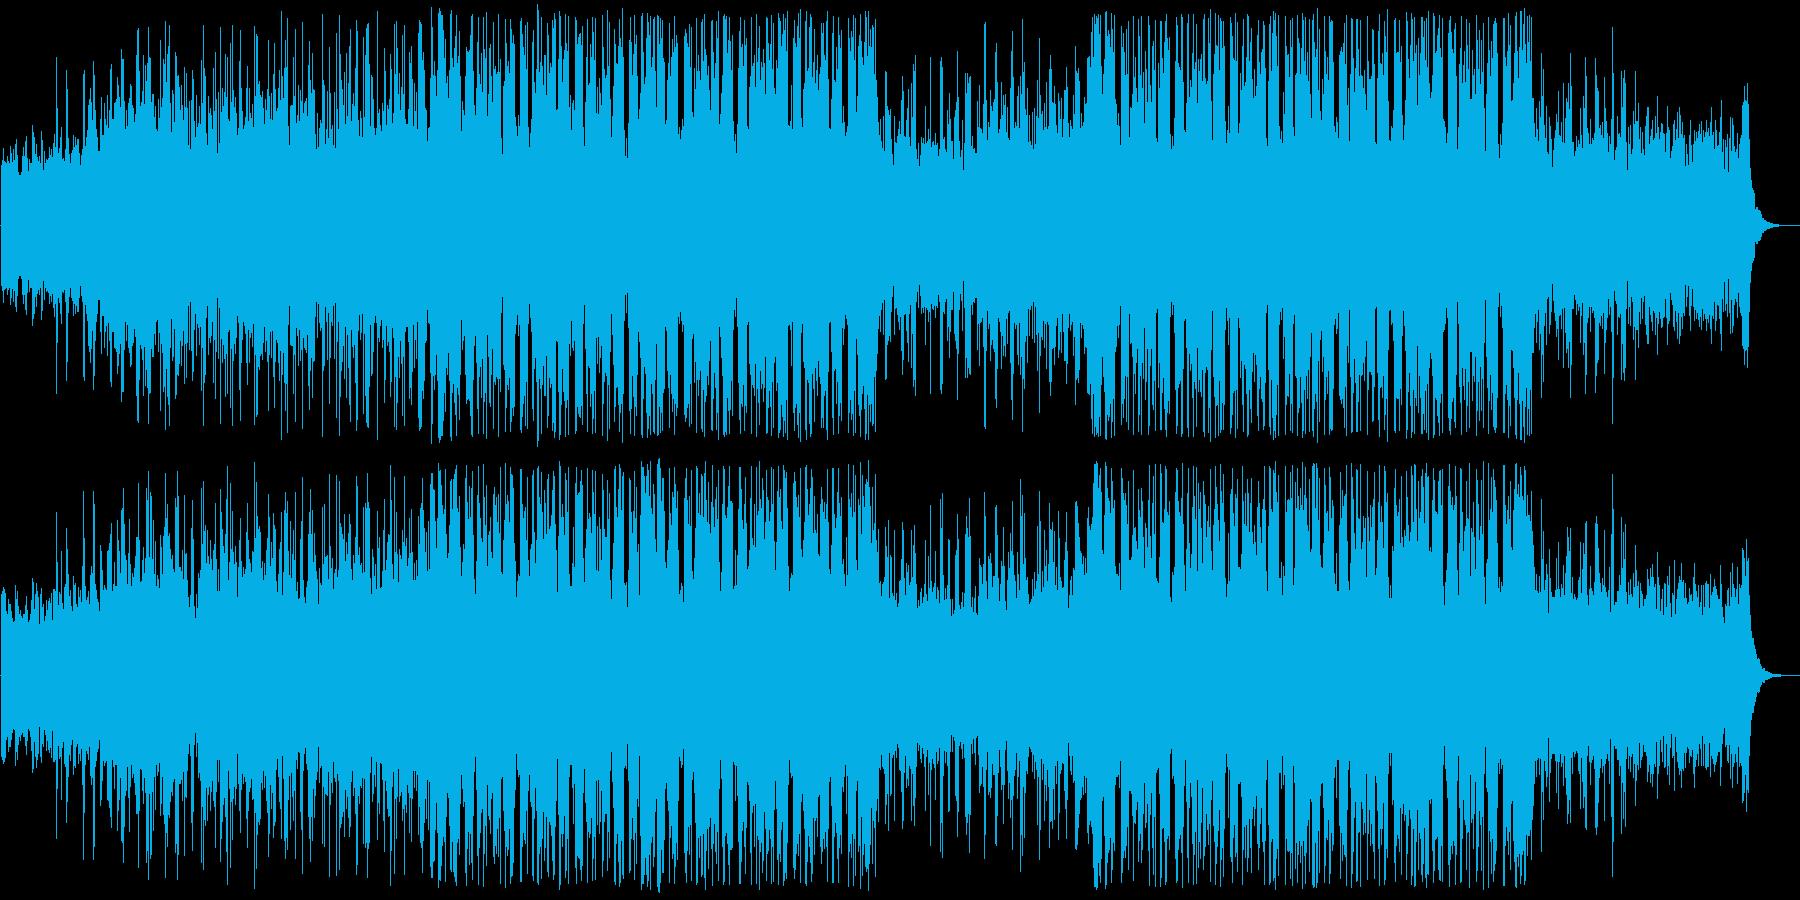 神秘的なアンビエントフューチャーベースの再生済みの波形